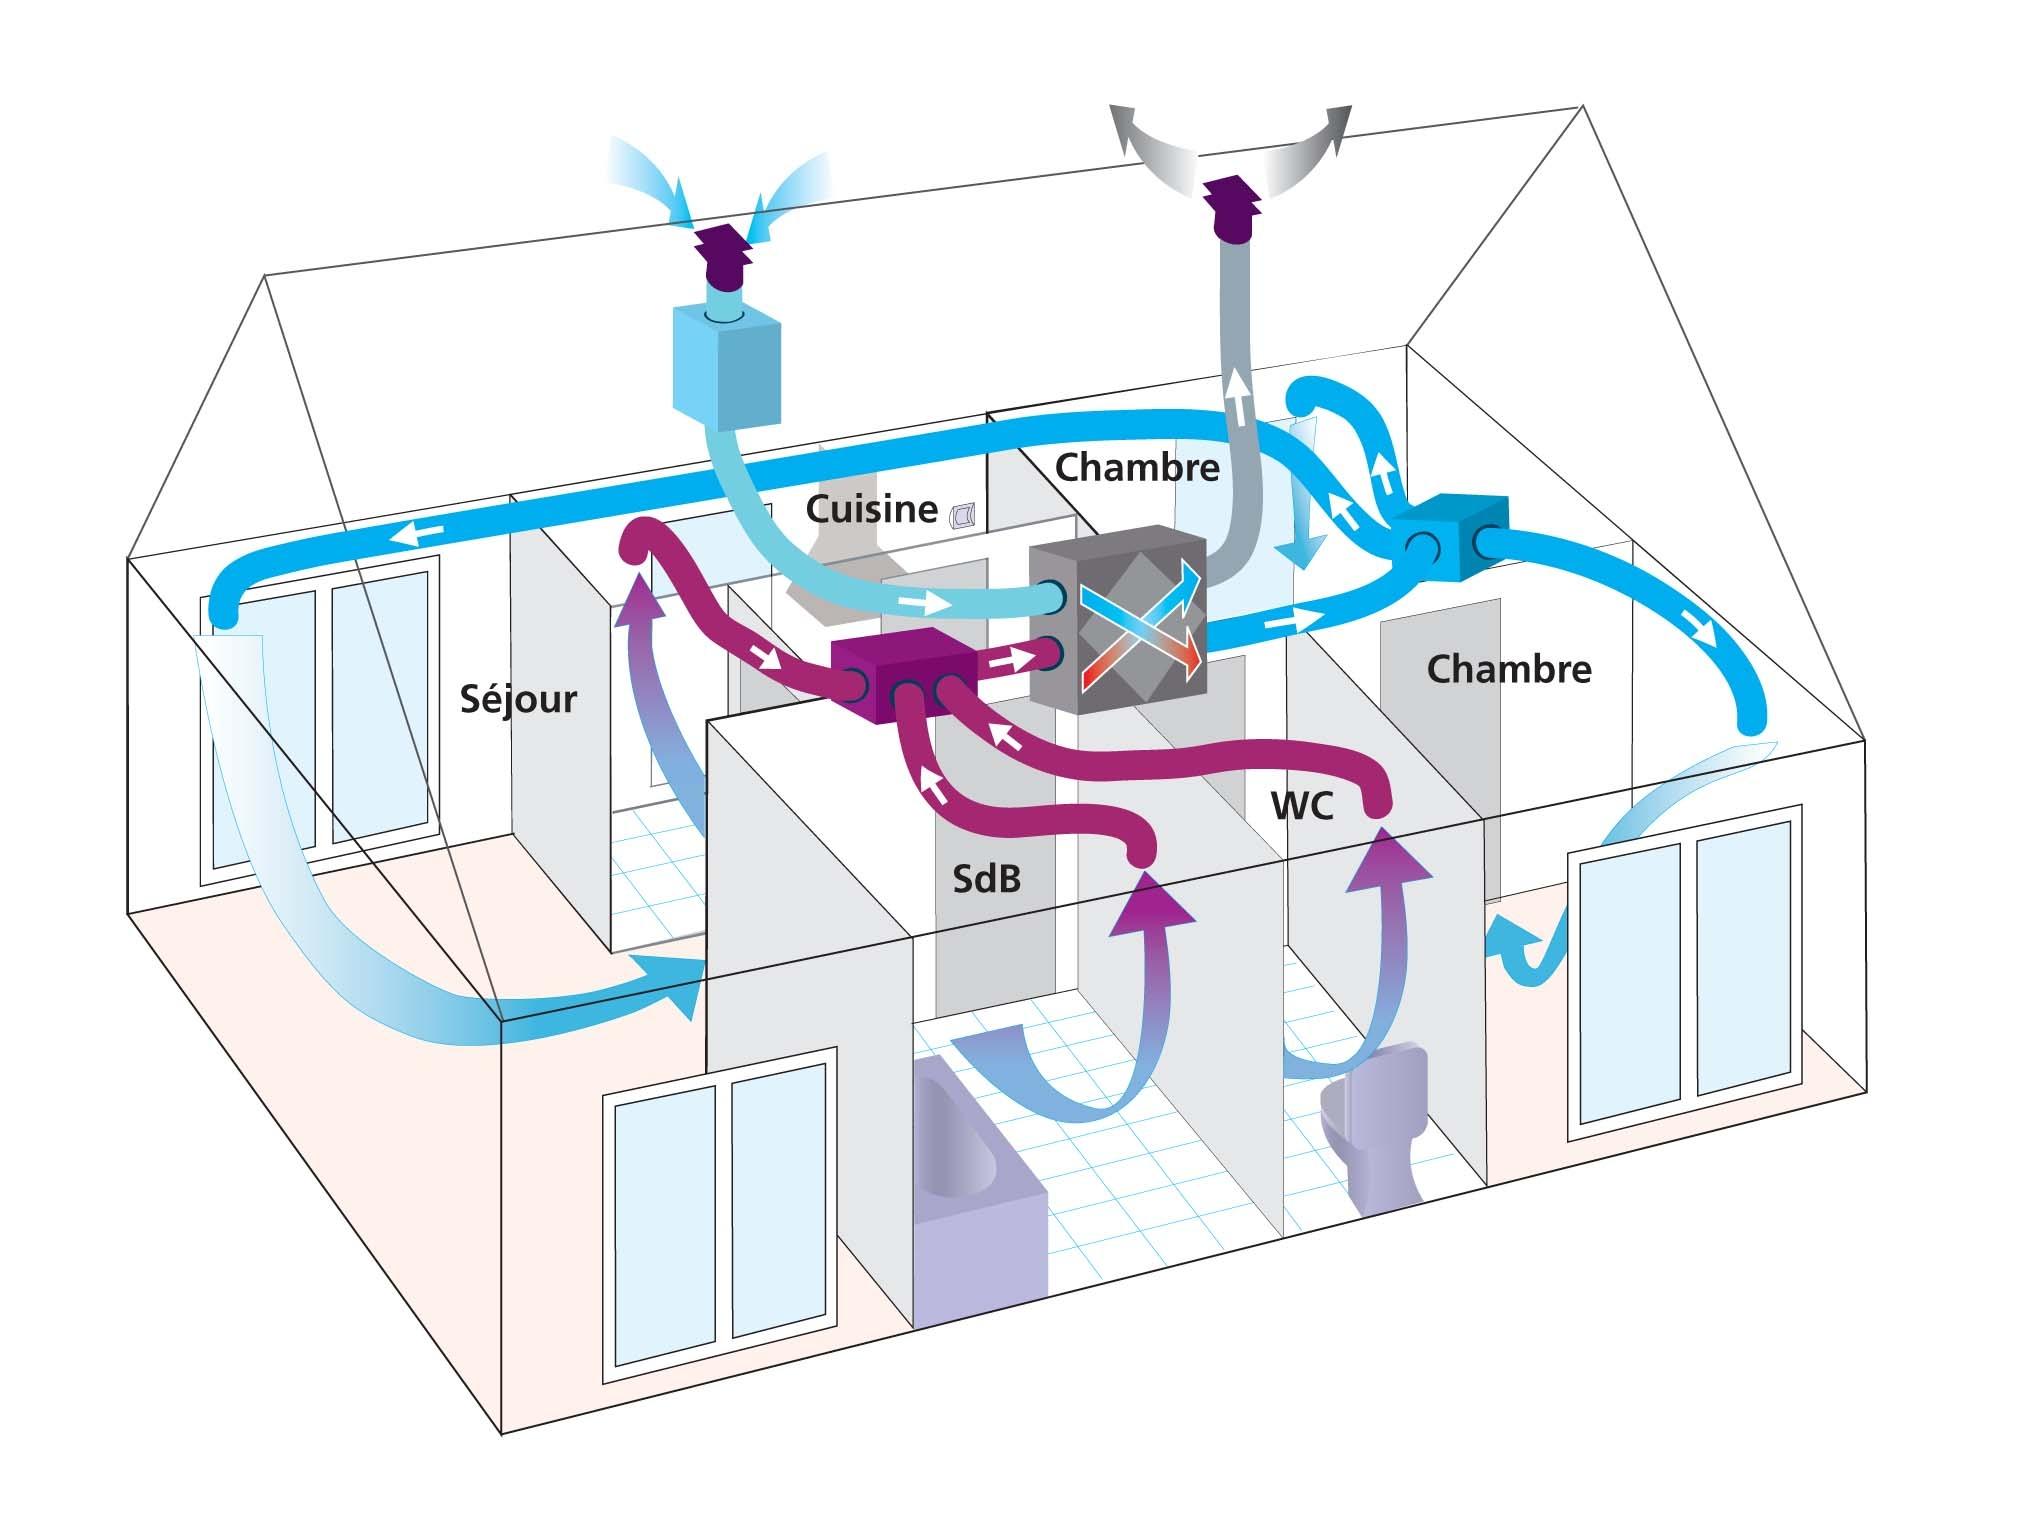 Vmc conseils pour bien choisir for Ventilateur salle de bain sans sortie